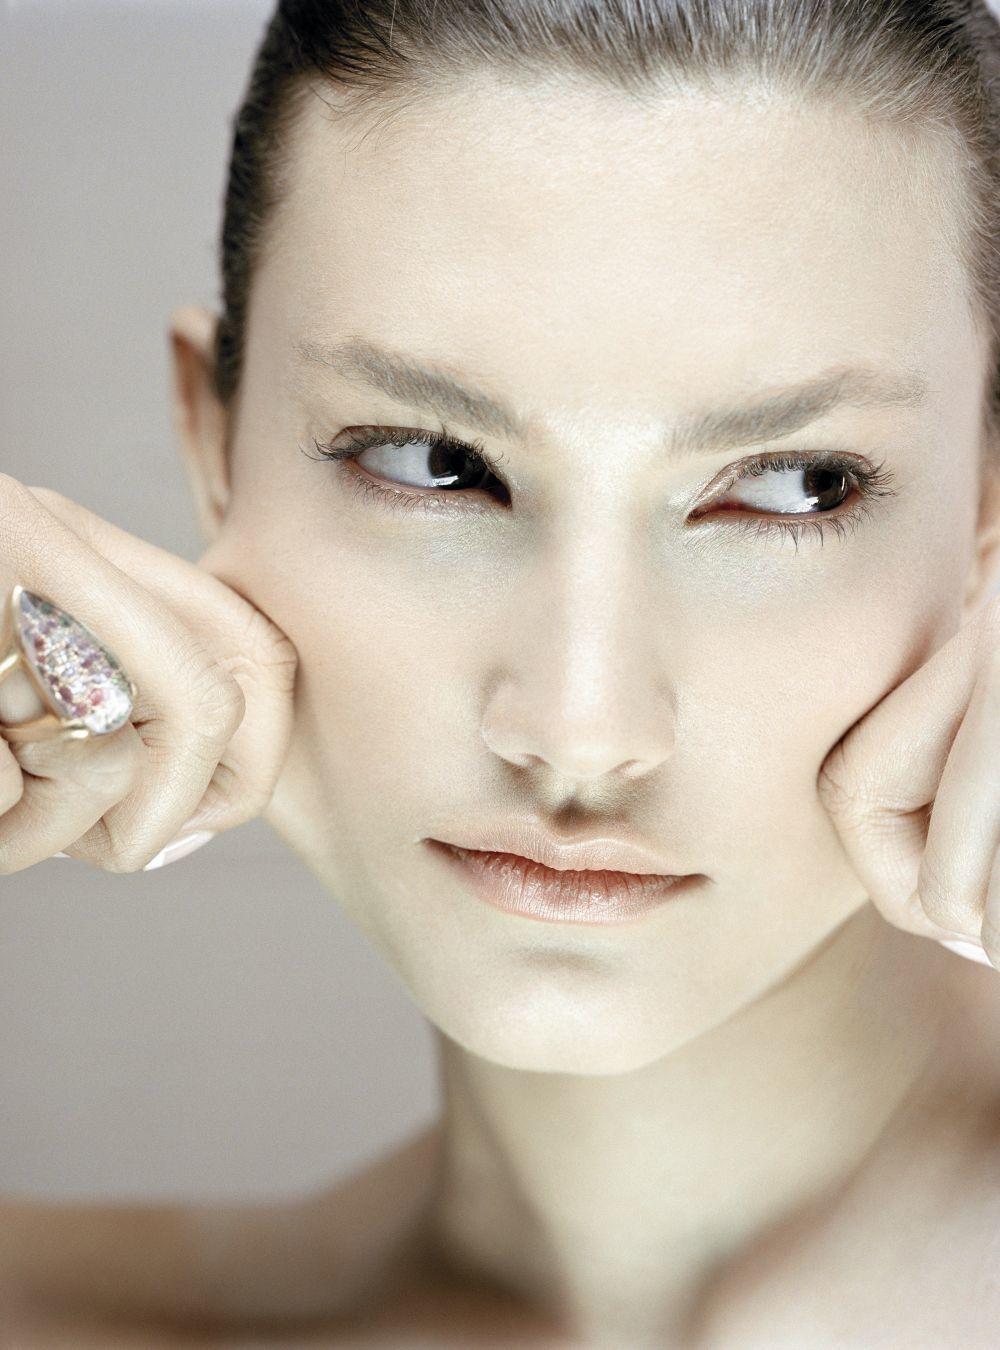 Si después de la limpieza facial de tu rostro, la piel te tira, puede...